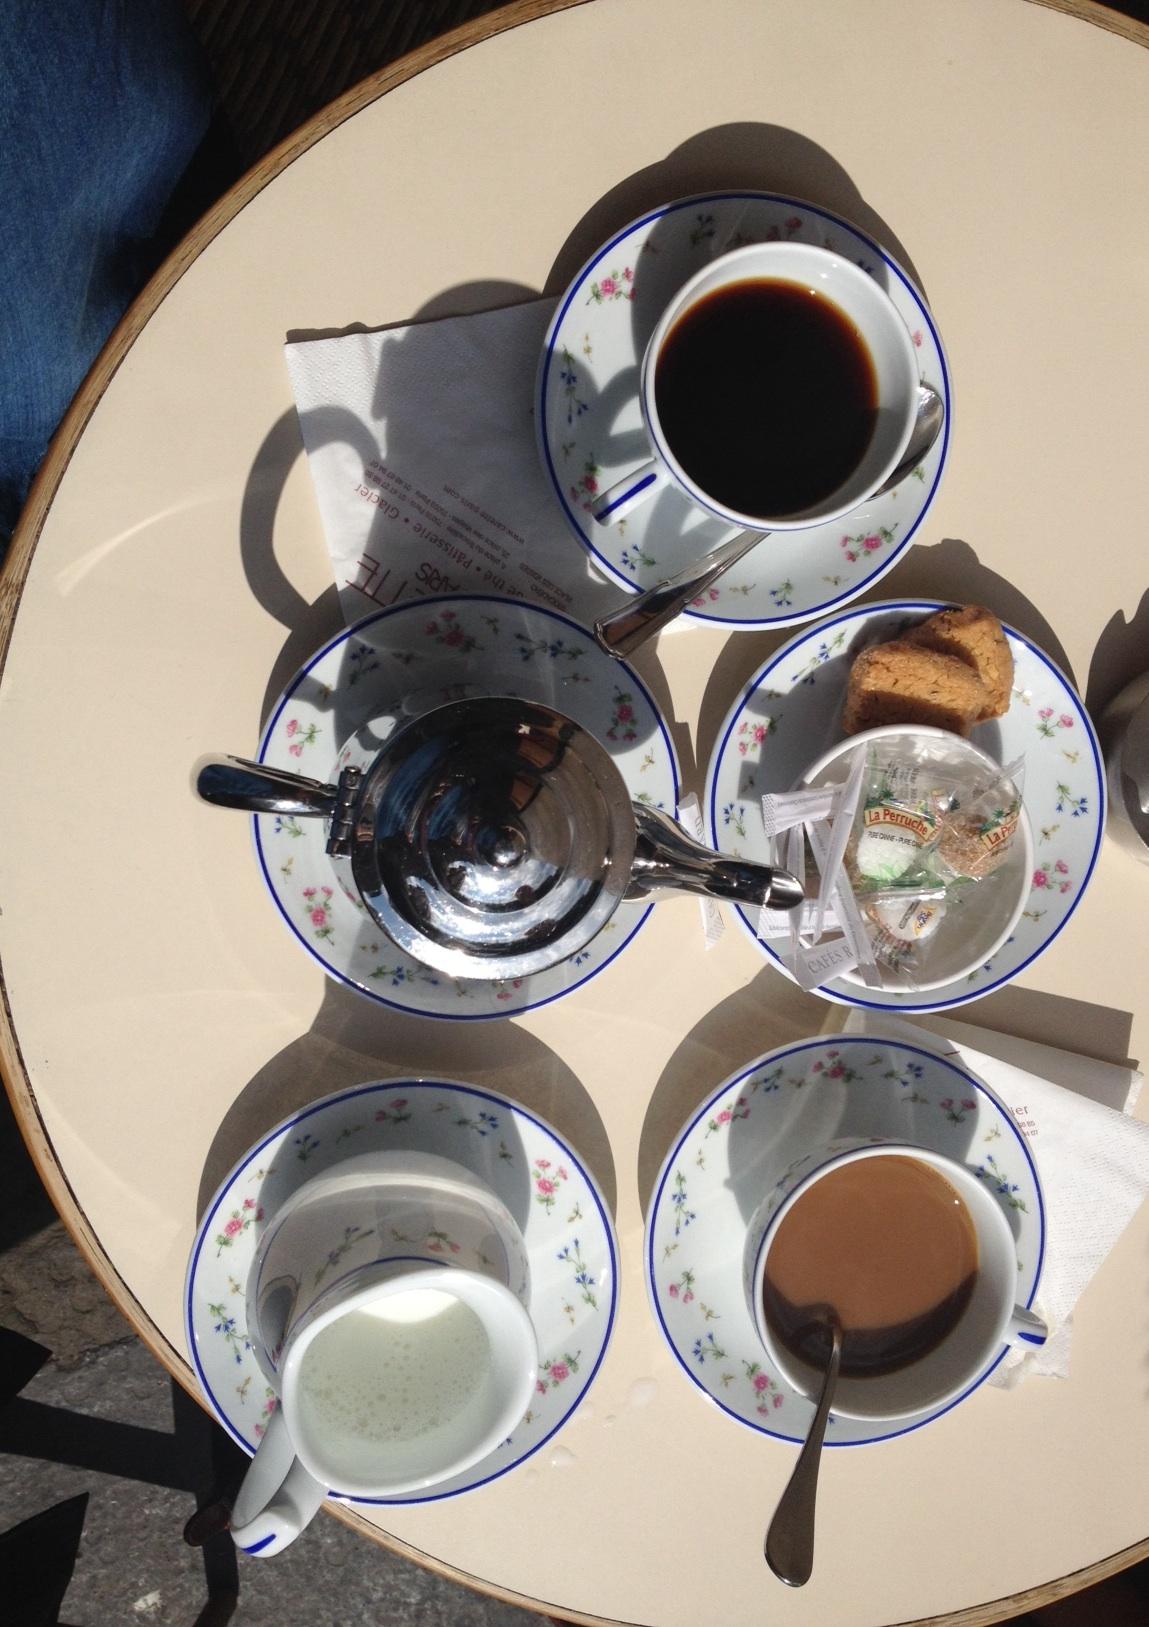 carette paris porcelain cups